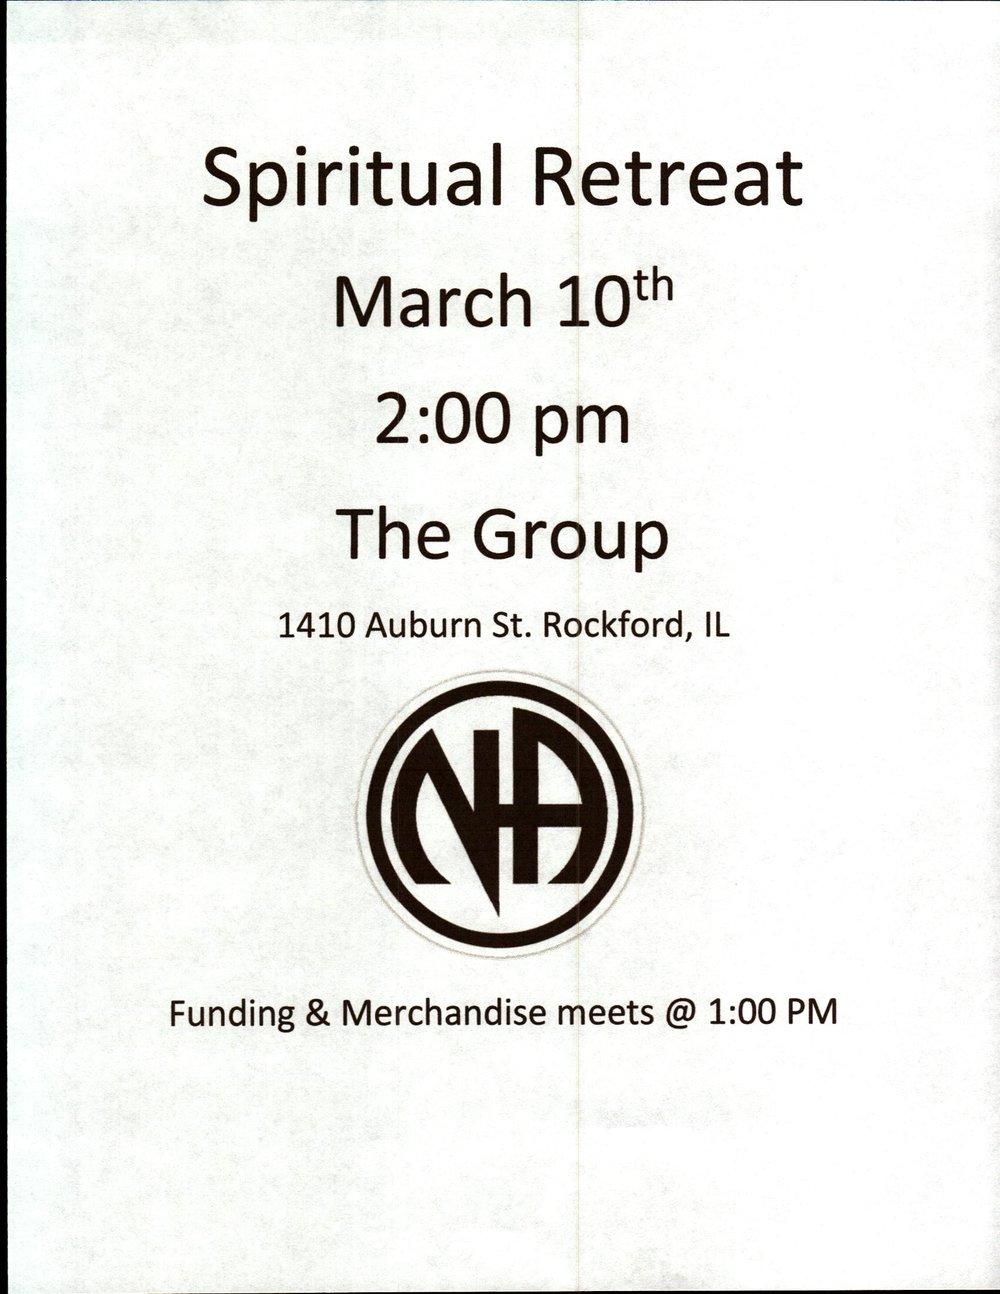 Spiritual Retreat.jpg